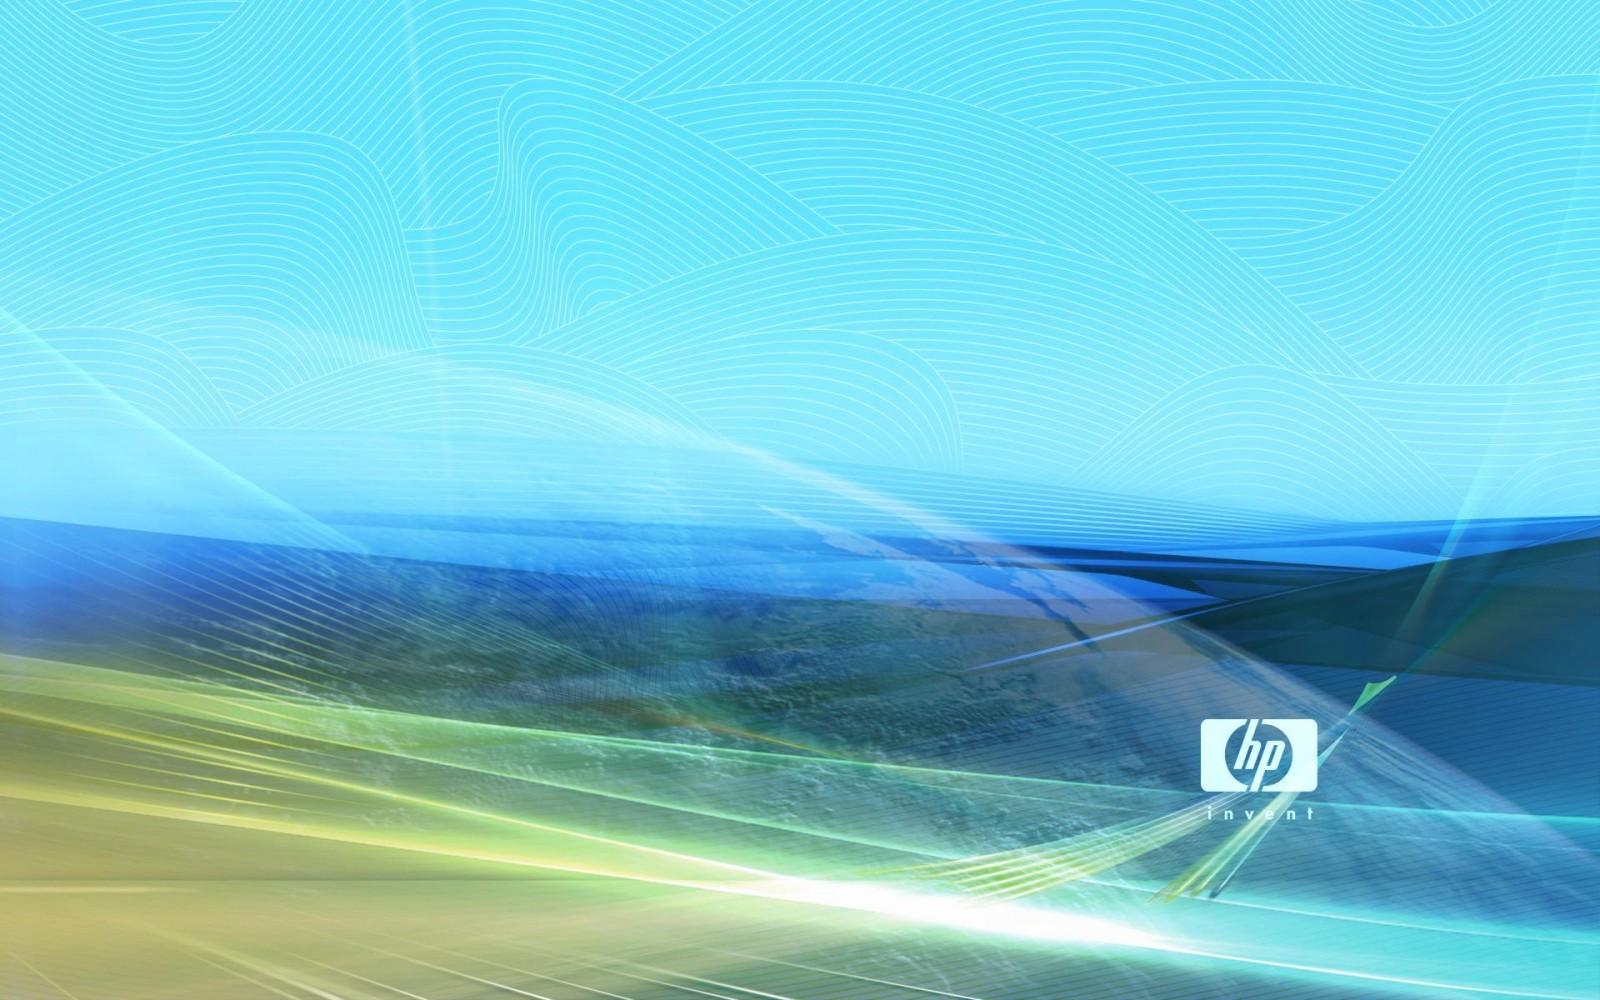 HP TouchSmart HD Wallpaper